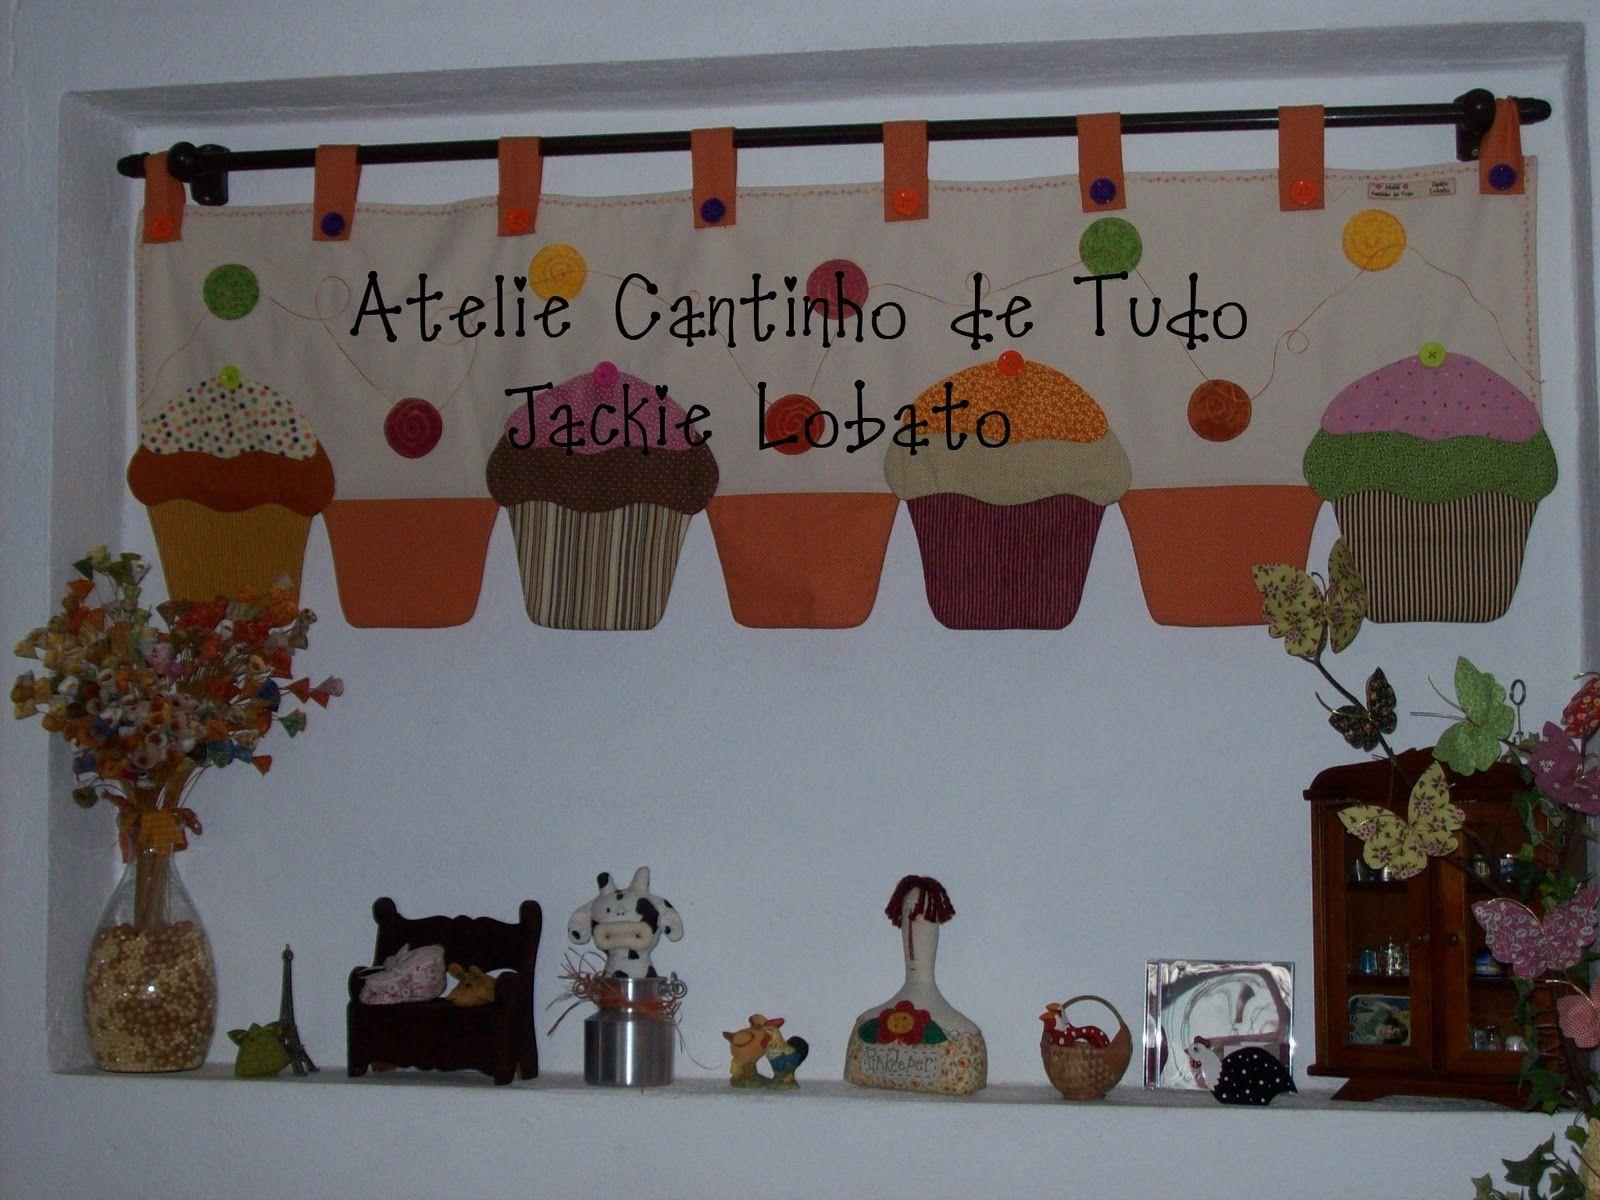 Jackie Lobato - Atelie Cantinho de Tudo: Atelie Cantinho de Tudo ...